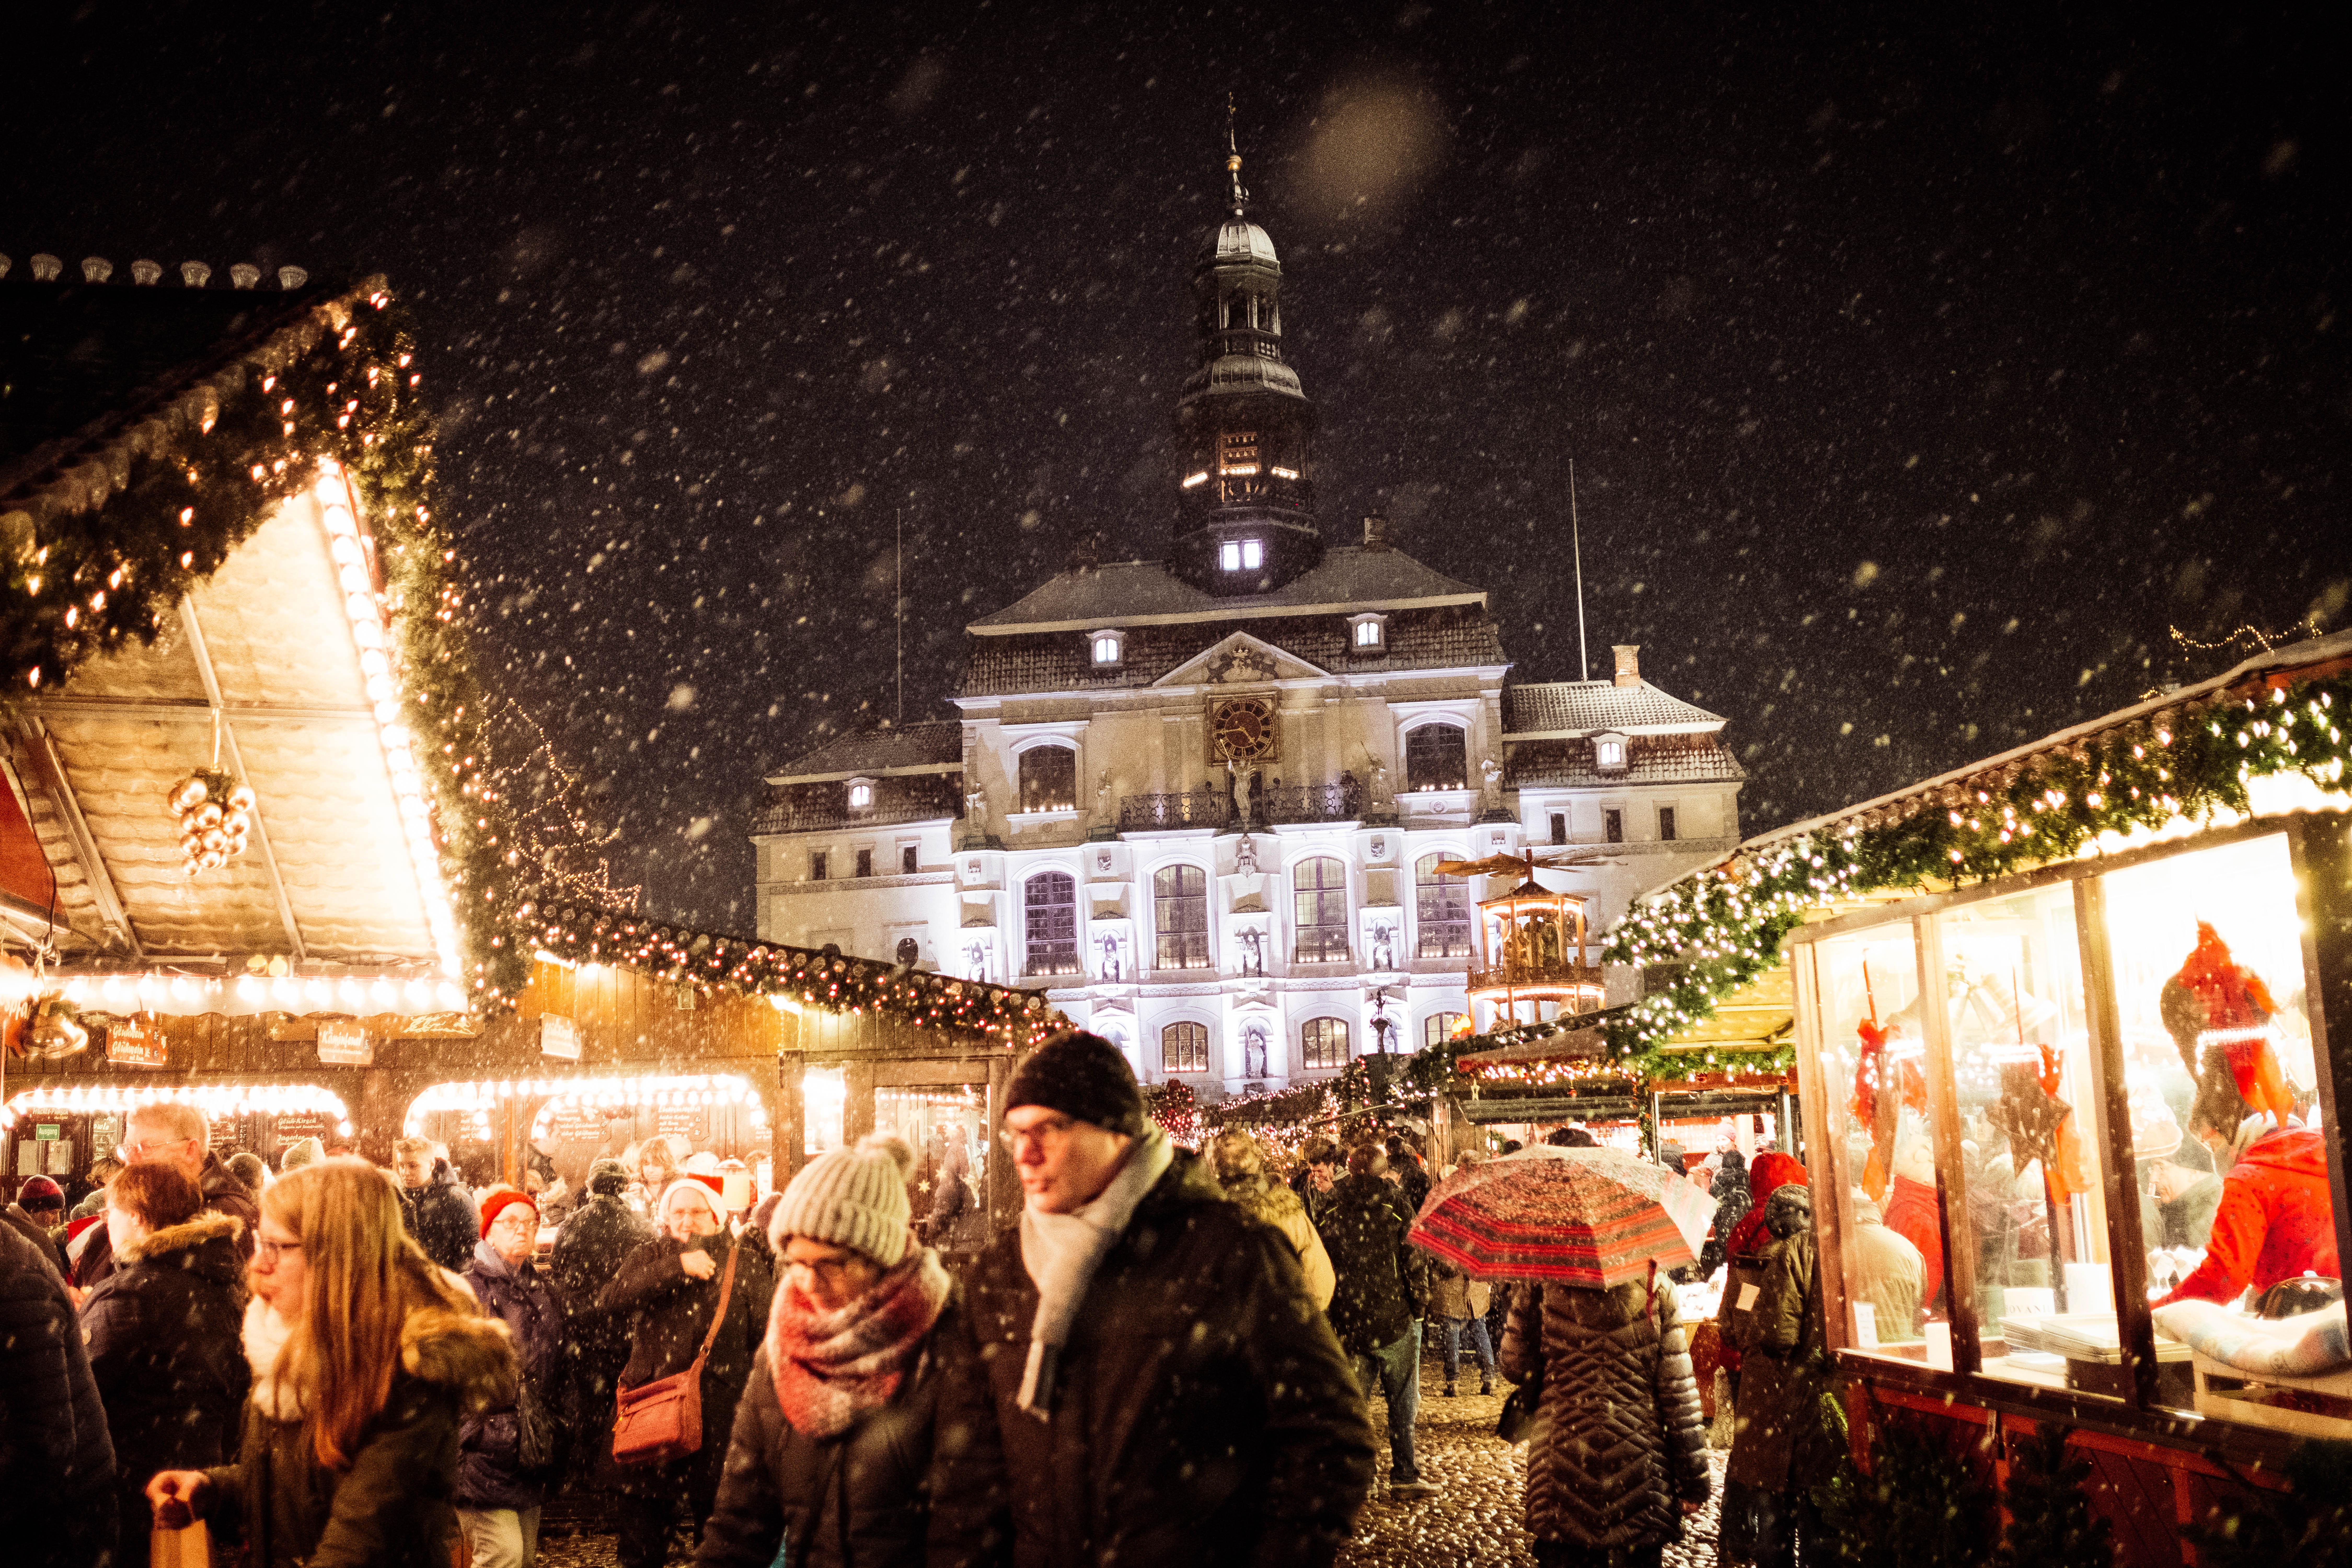 Weihnachtsstadt Lüneburg ©Mathias Schneider